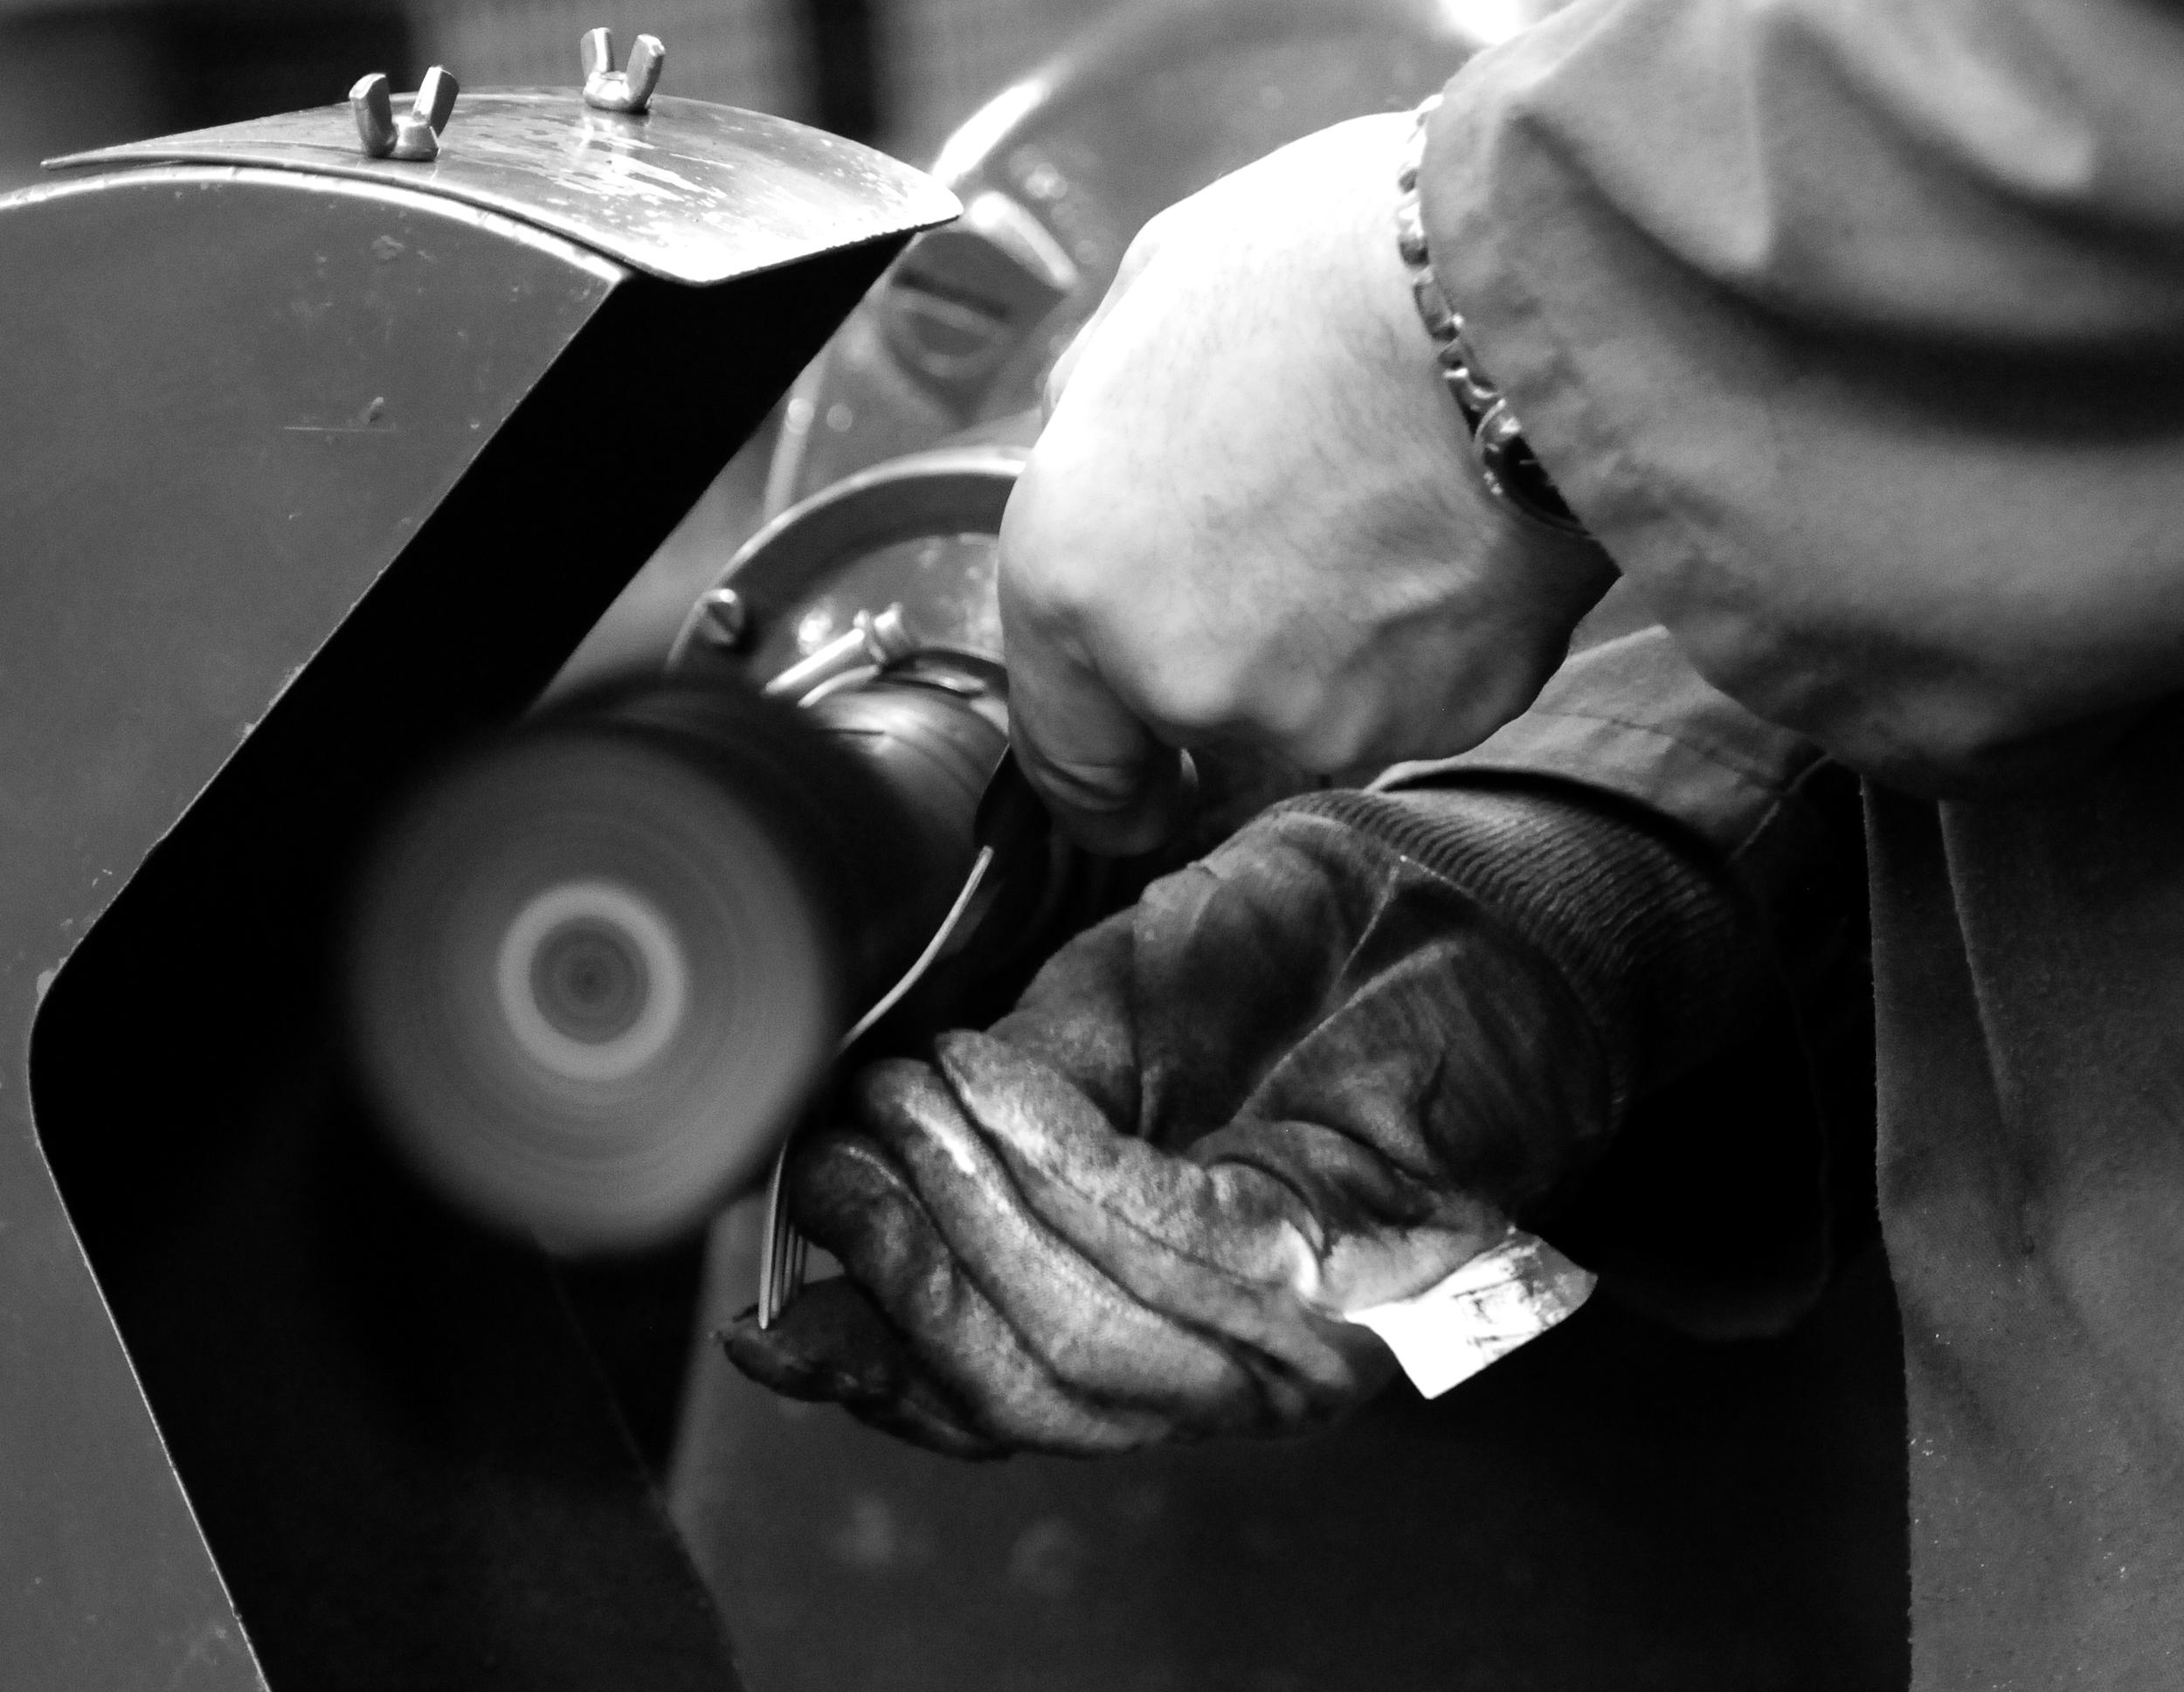 Hand finishing at David Mellor